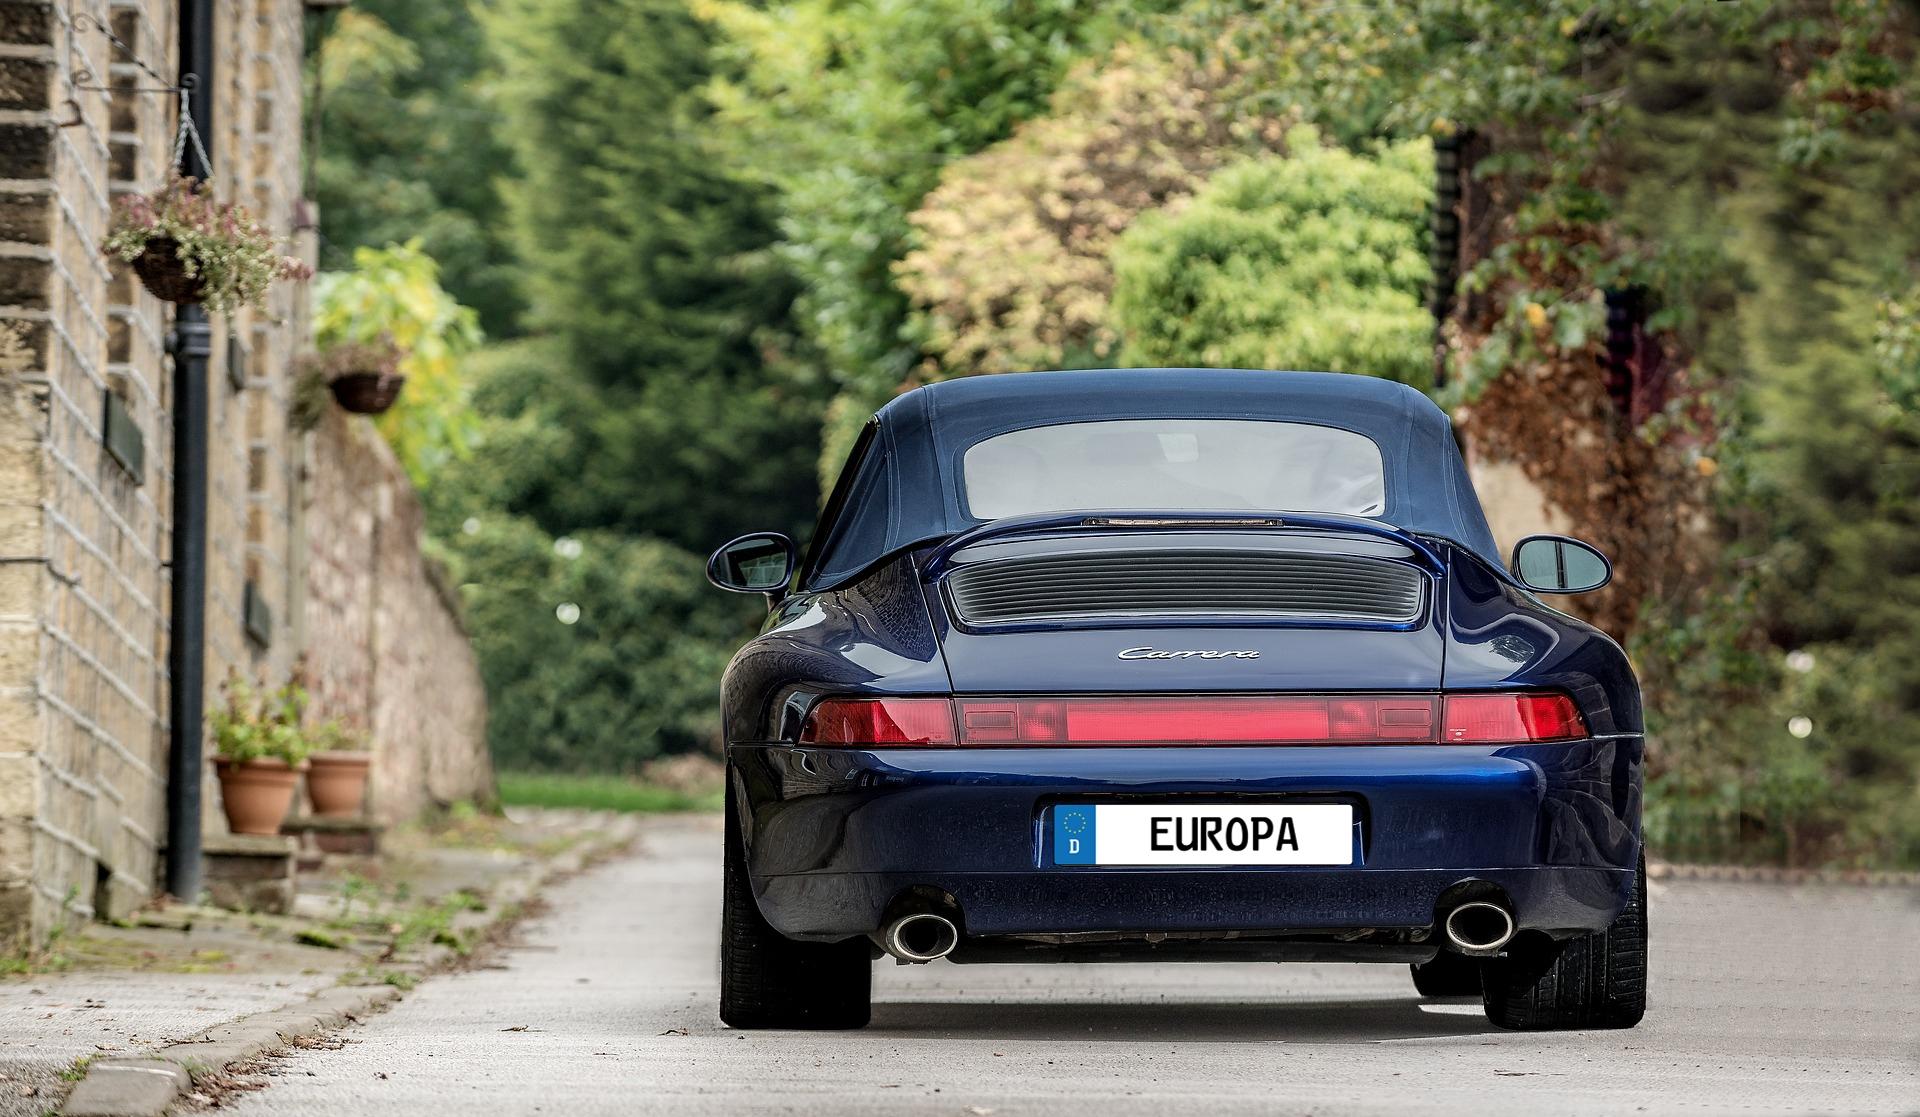 Blue Porsche Carrara